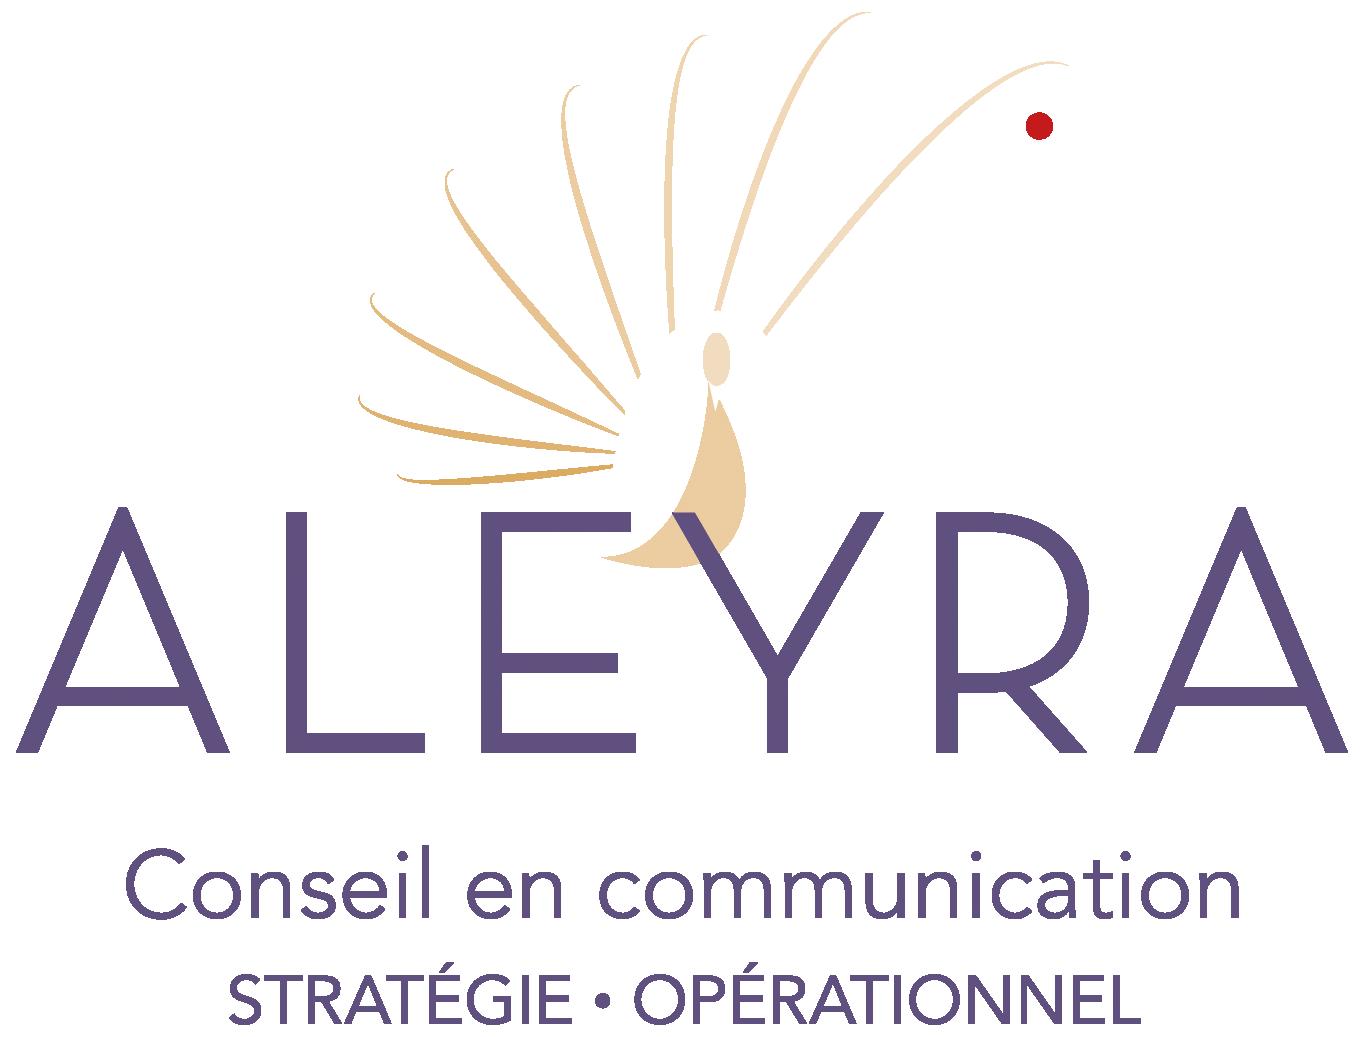 Aleyra Logo